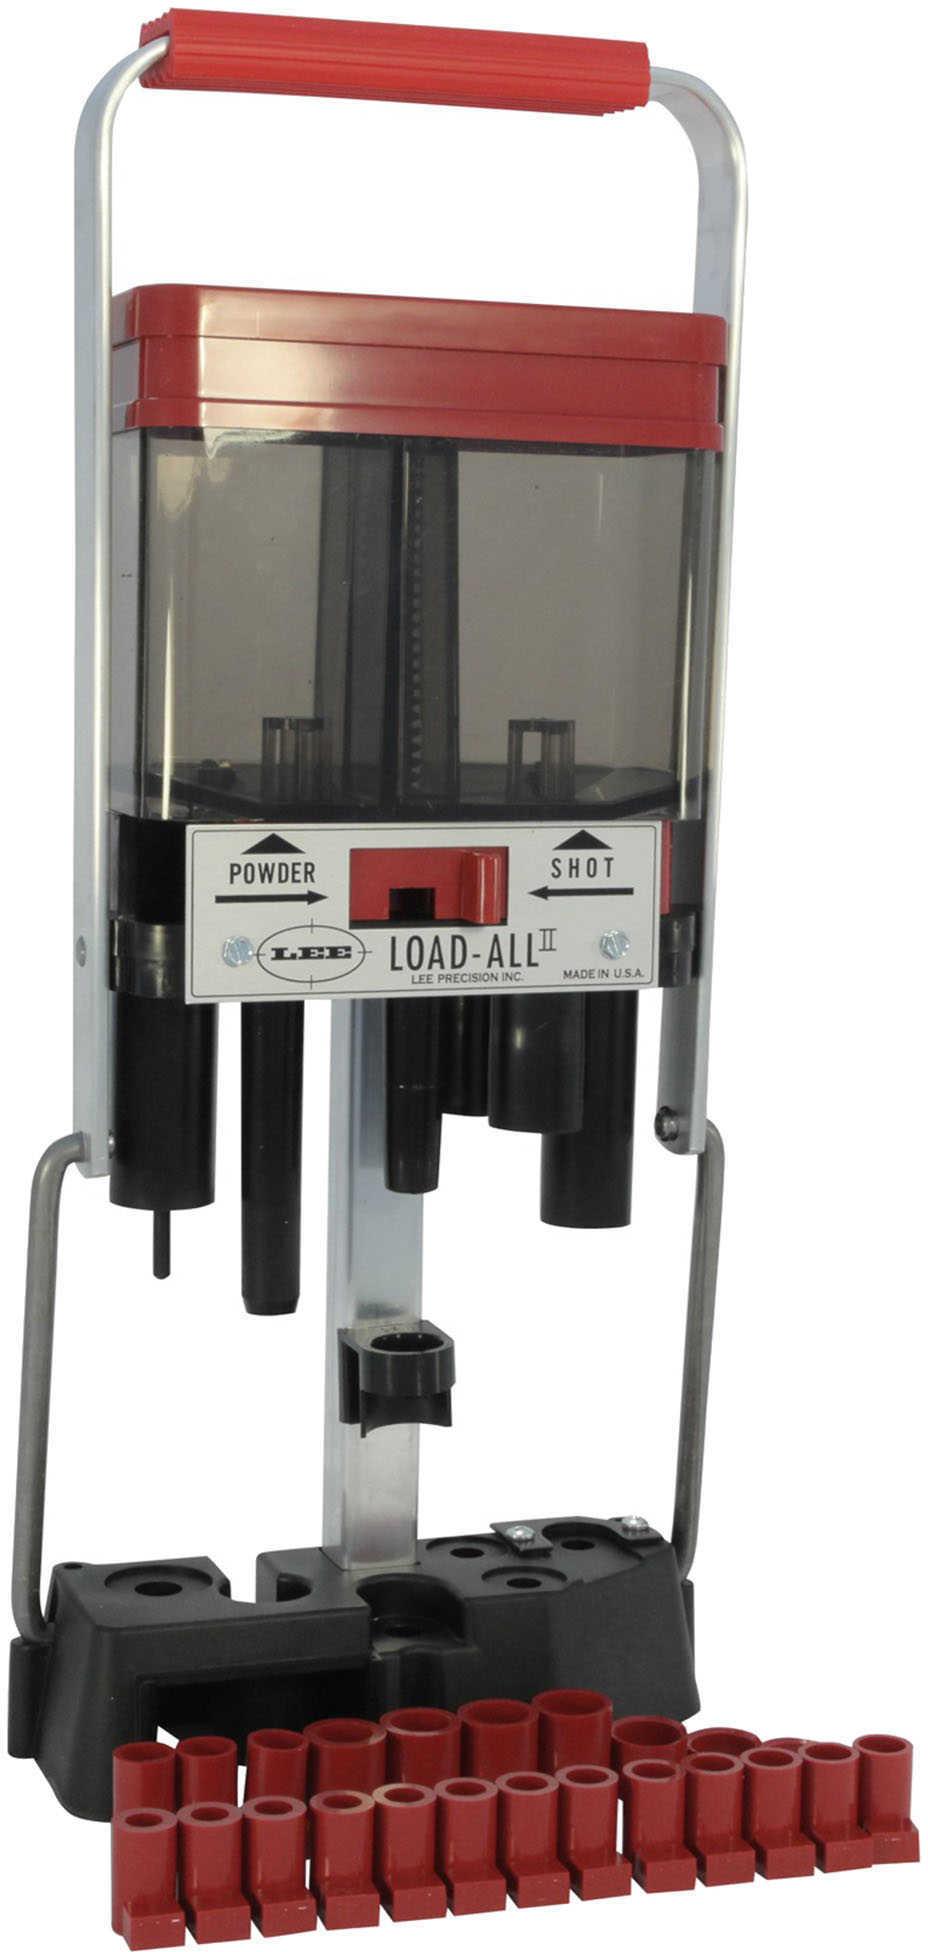 Lee 12 Gauge Shotshell Load-All II Reloading Press Md: 90011